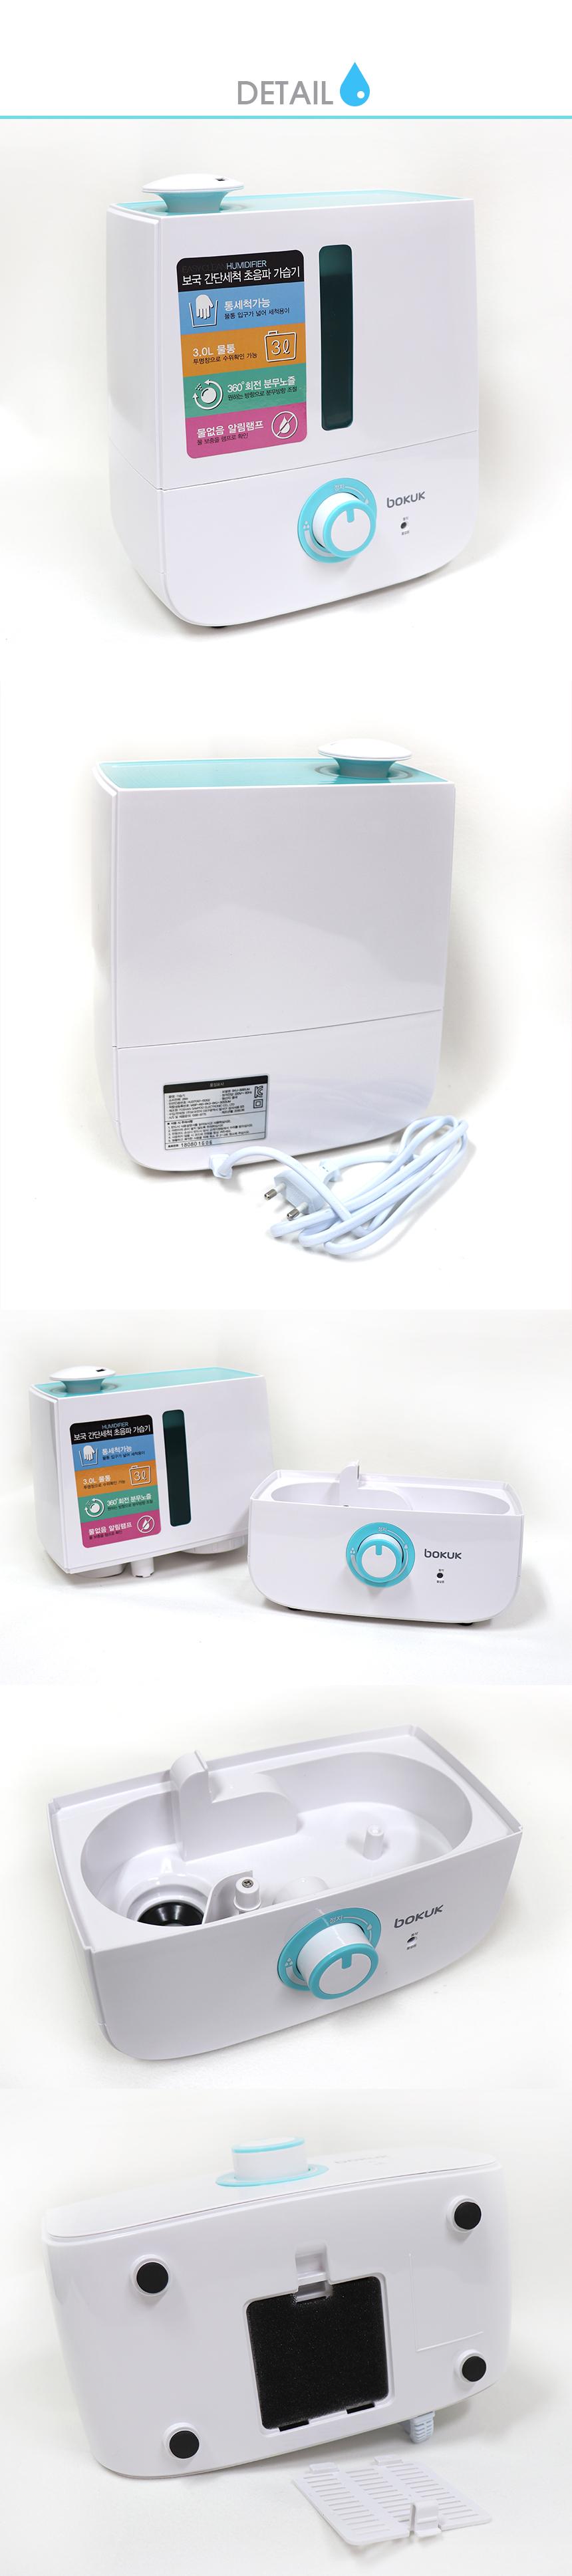 간단세척 초음파 가습기 BKU-3061UM - (주)보국전자, 45,000원, 가습기, 가습기/에어워셔